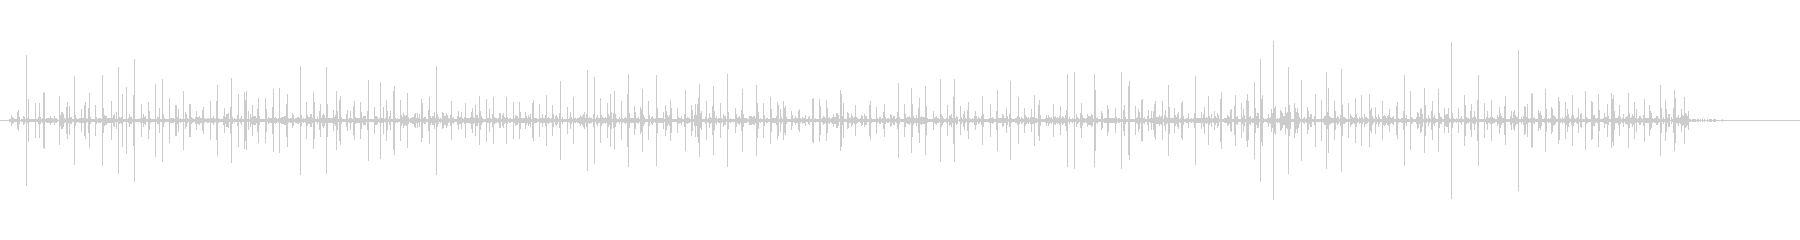 馬-グレイヴル-連続-散歩の未再生の波形